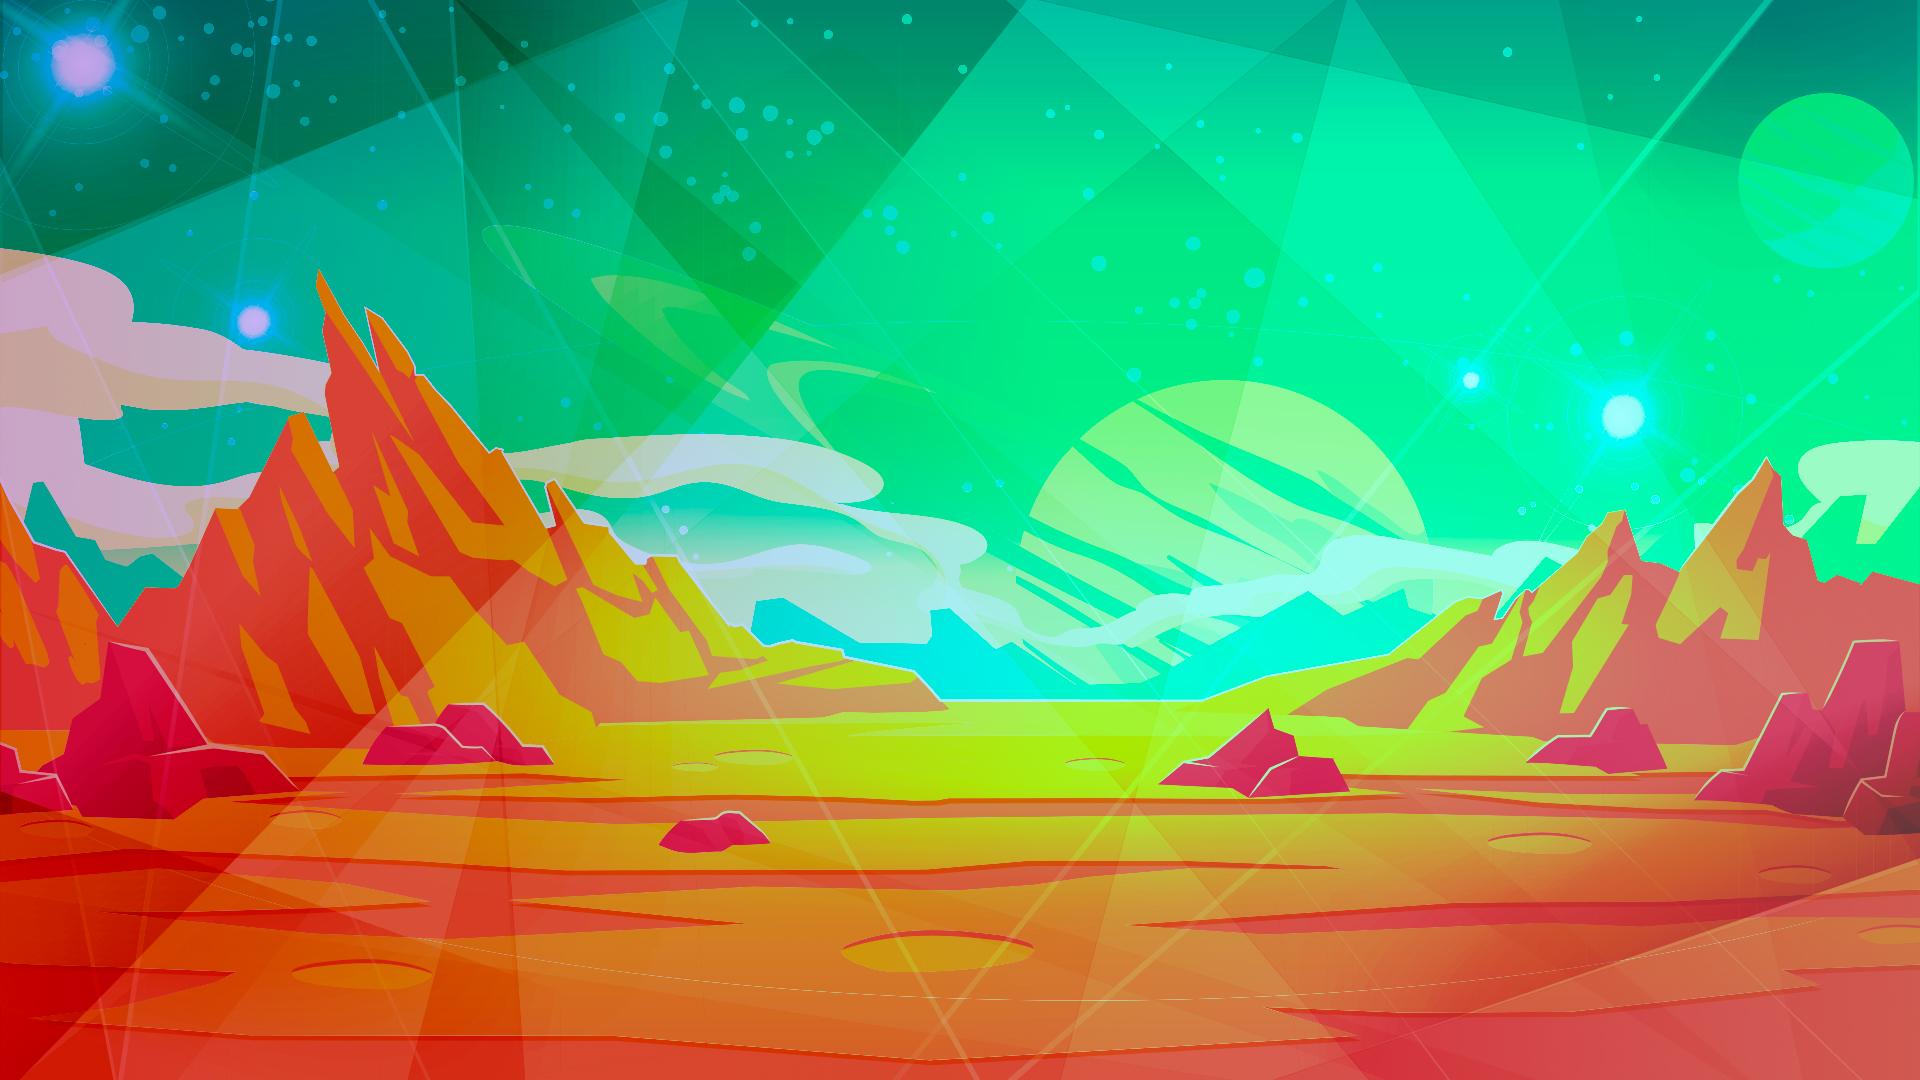 Weltraum, Raumfahrt, Nasa, Weltall, Mars, Planet, Comic, Sterne, Planeten, Sternenhimmel, Nachthimmel, Ufo, Sternschnuppen, exoplanet, außerirdische, Marsmission, Mars-Basis, Marsboden, Mars Science City, Mars Base, Mars Base Alpha, Marsoberfläche